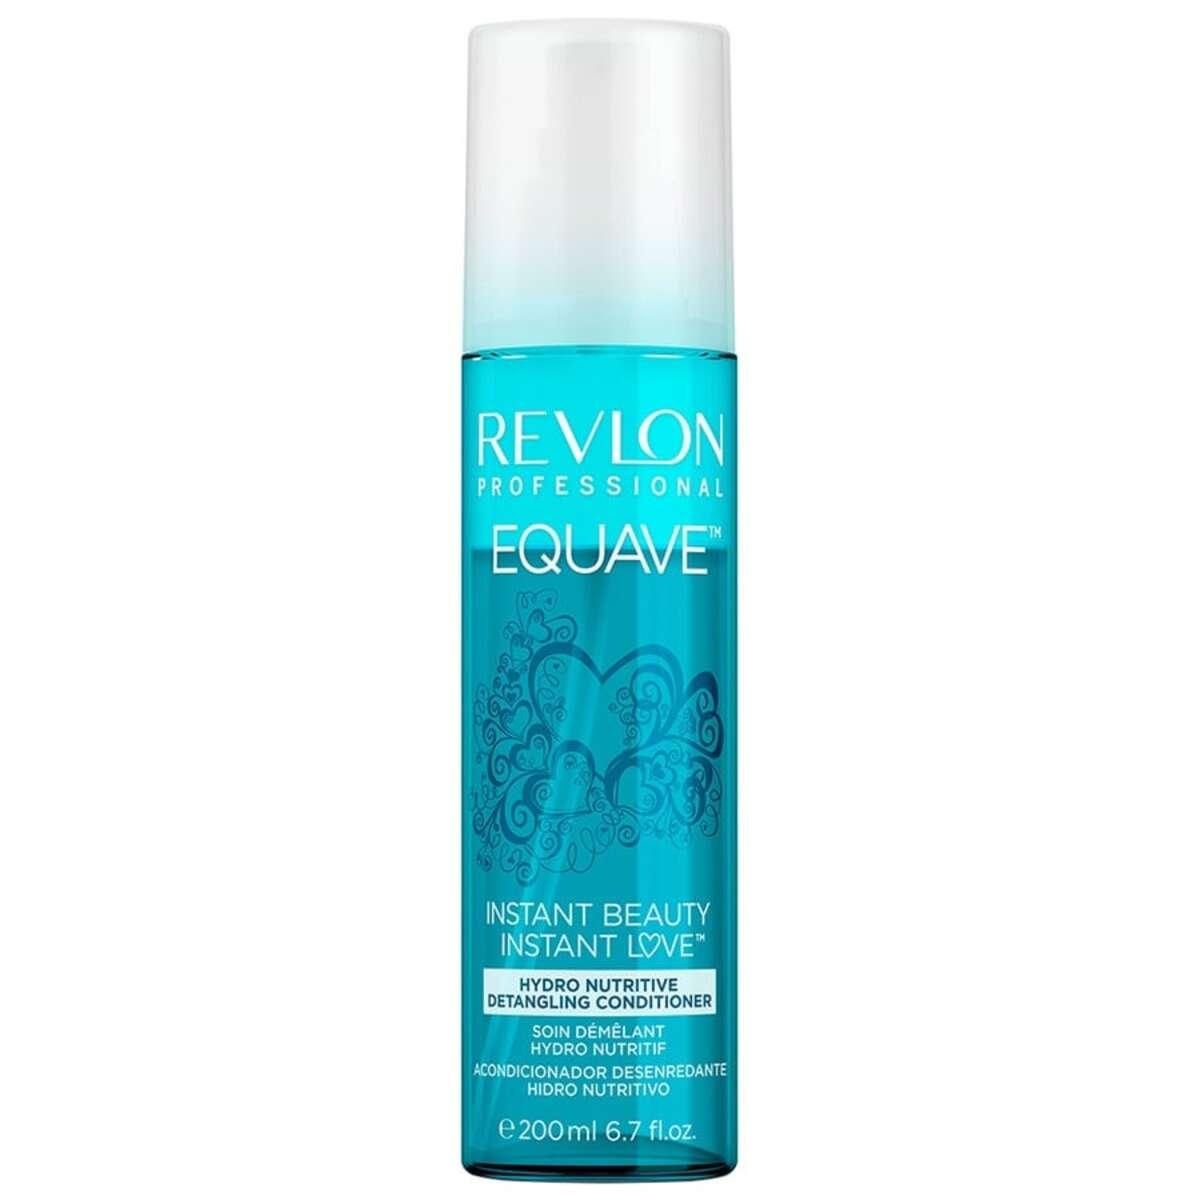 Bild 2 von Revlon Professional Equave  Leave-in Pflege 200.0 ml